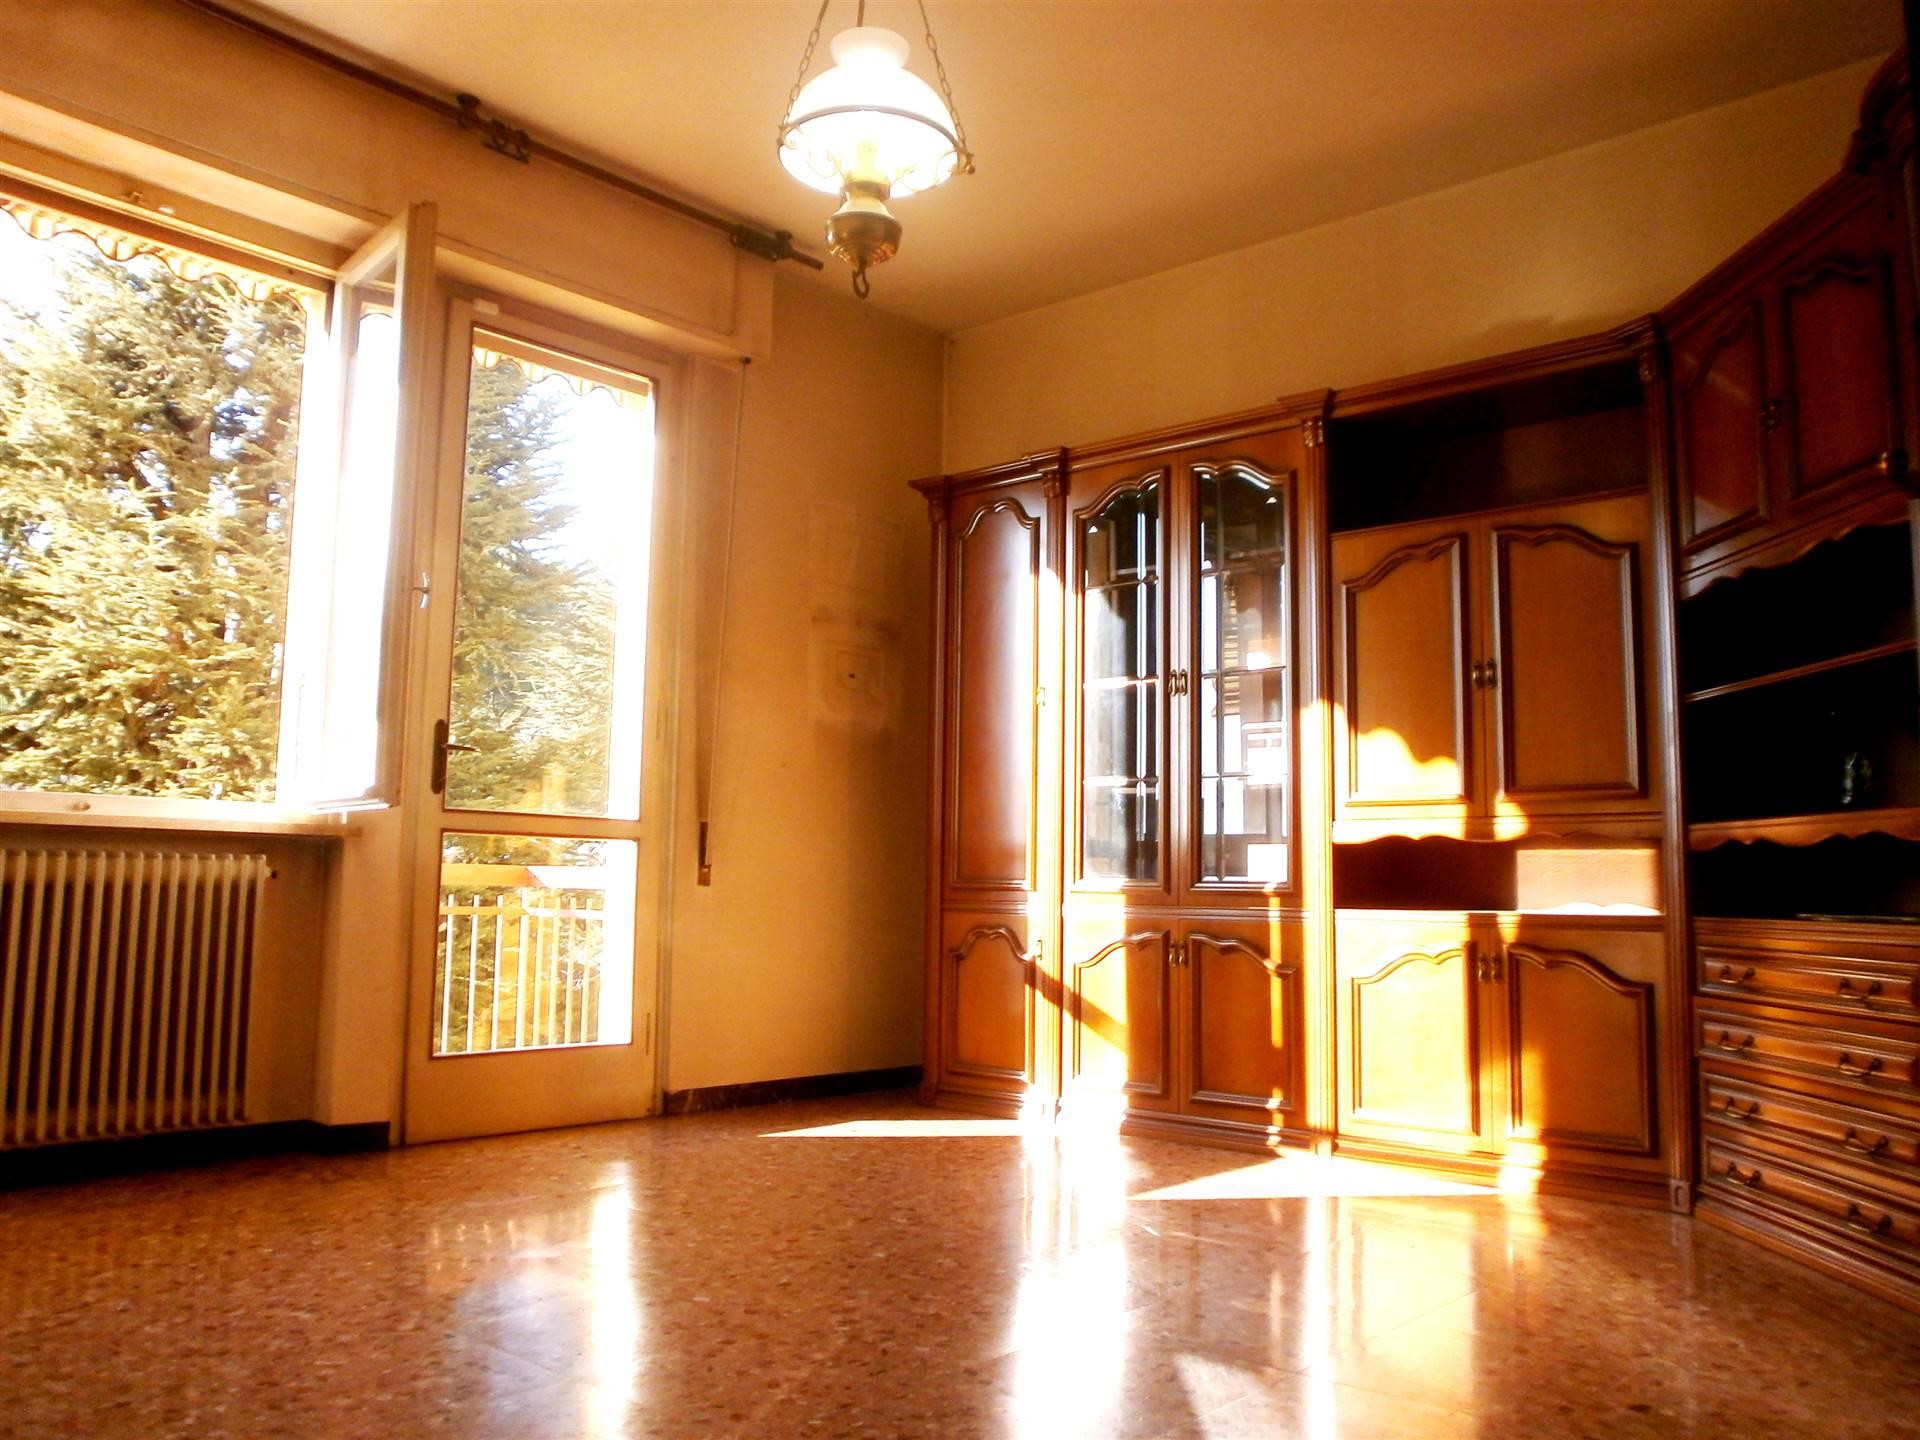 Appartamento in vendita a Montecatini-Terme, 5 locali, prezzo € 105.000   PortaleAgenzieImmobiliari.it